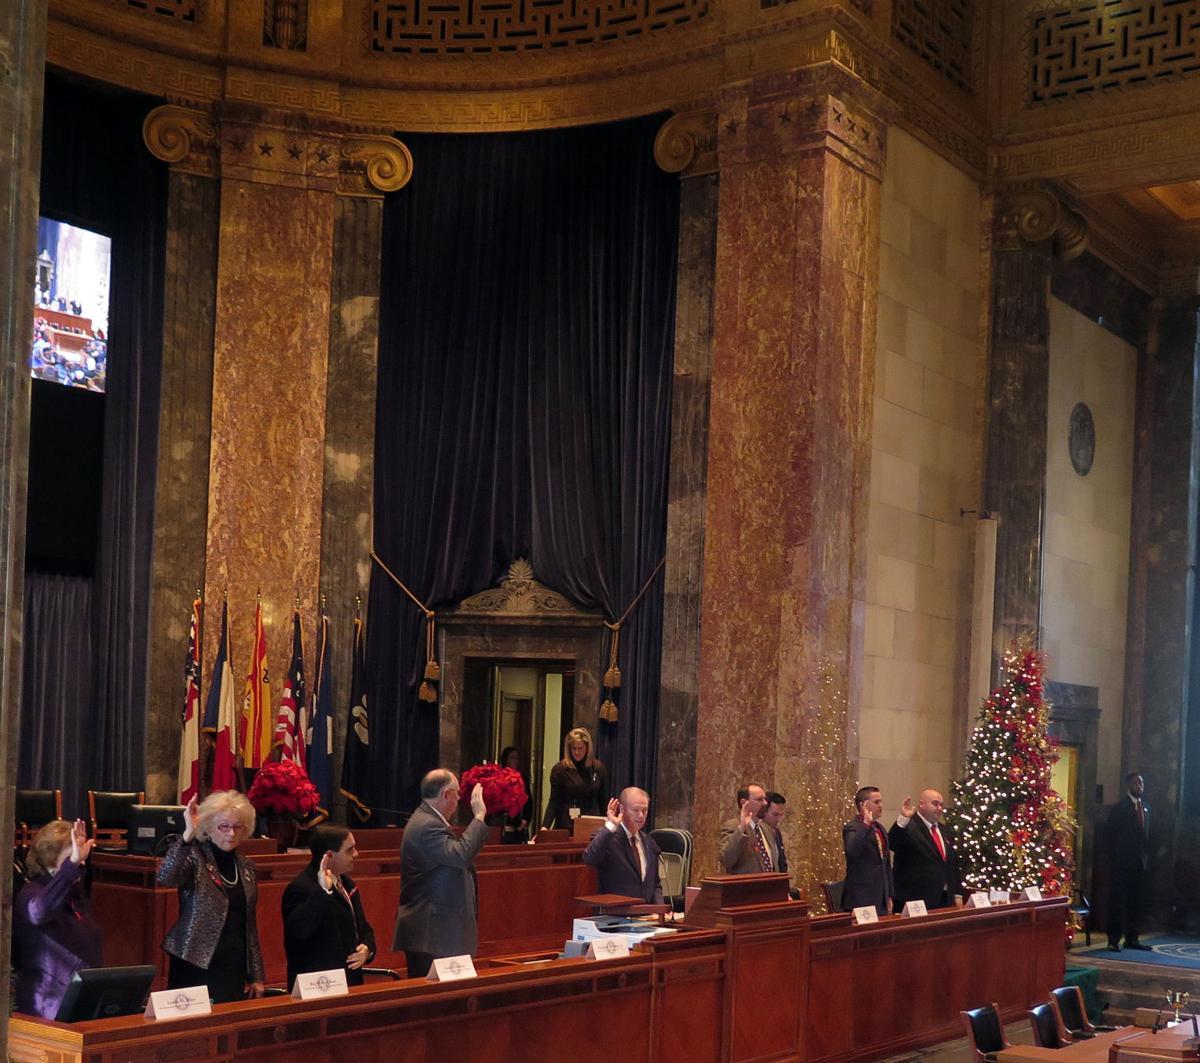 Presidential electors sworn in Dec 19, 2016